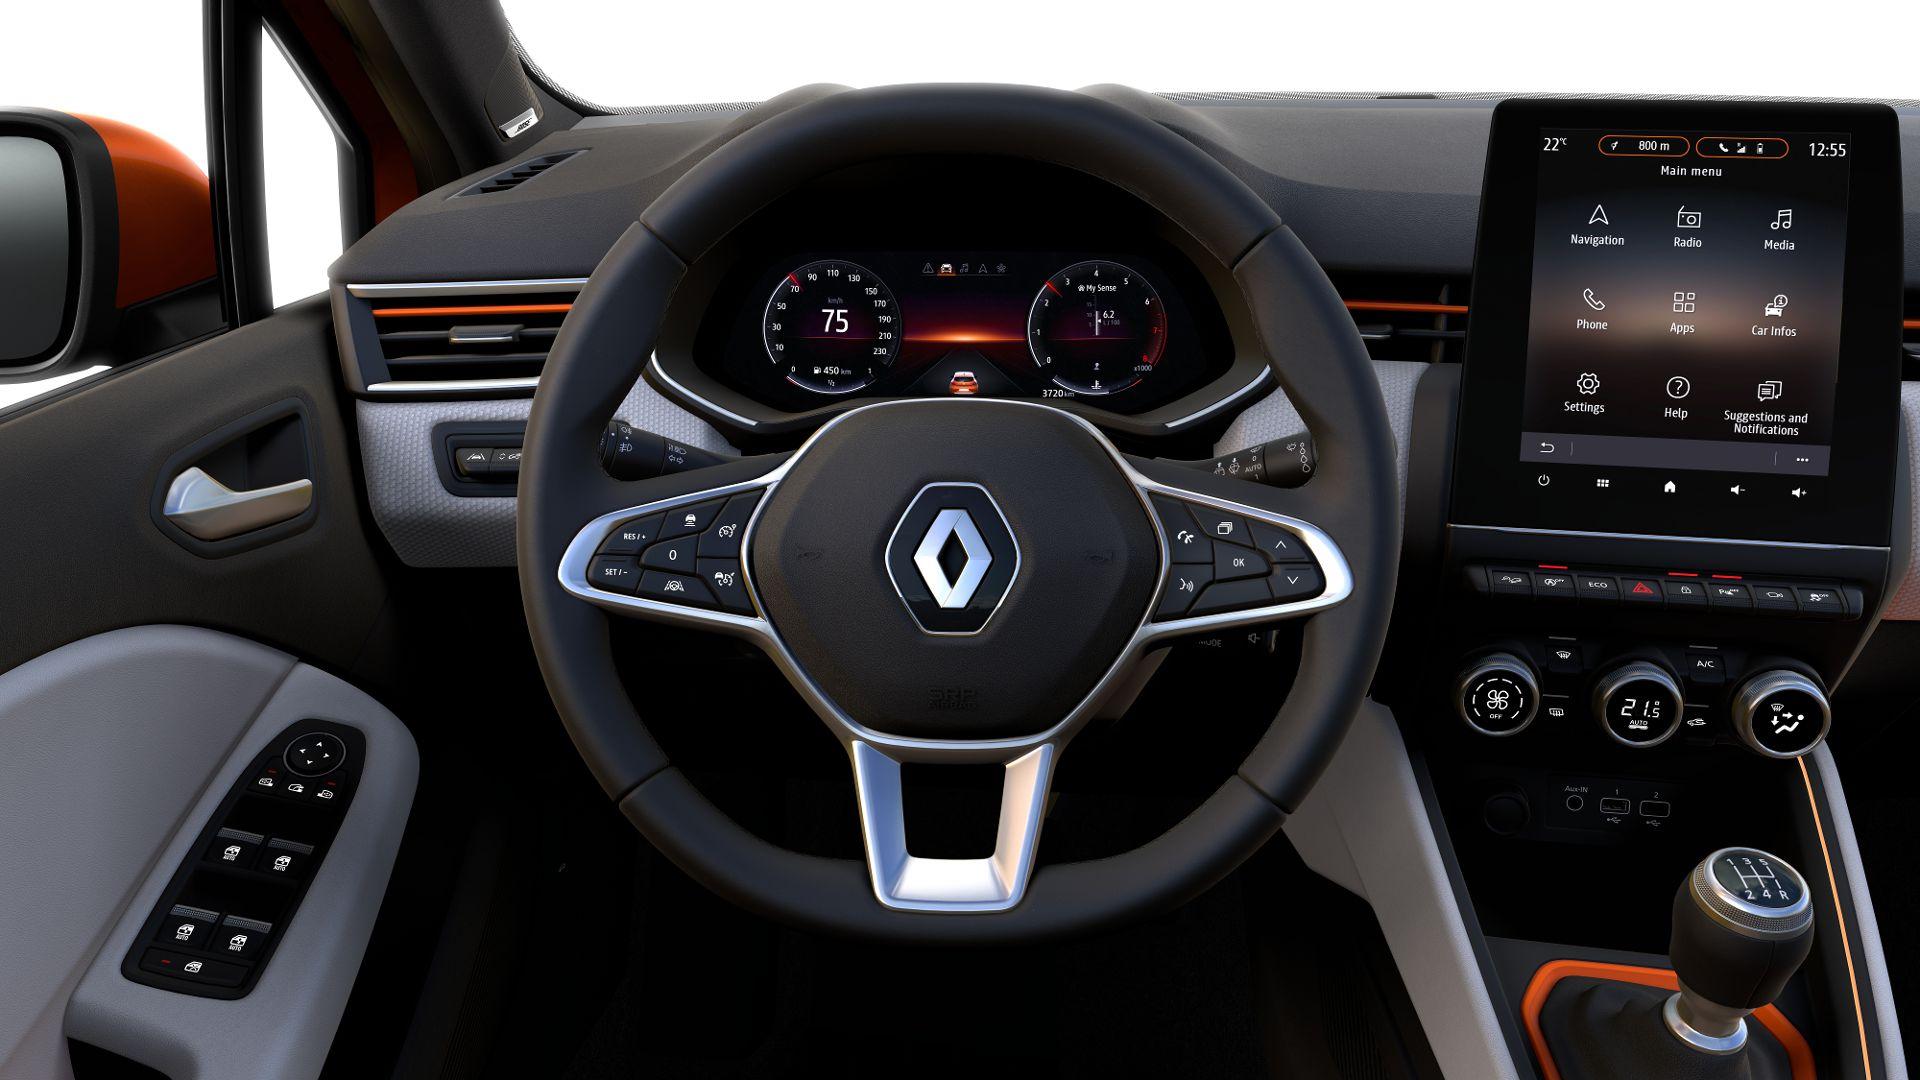 Renault Clio 2019 Interior (5)